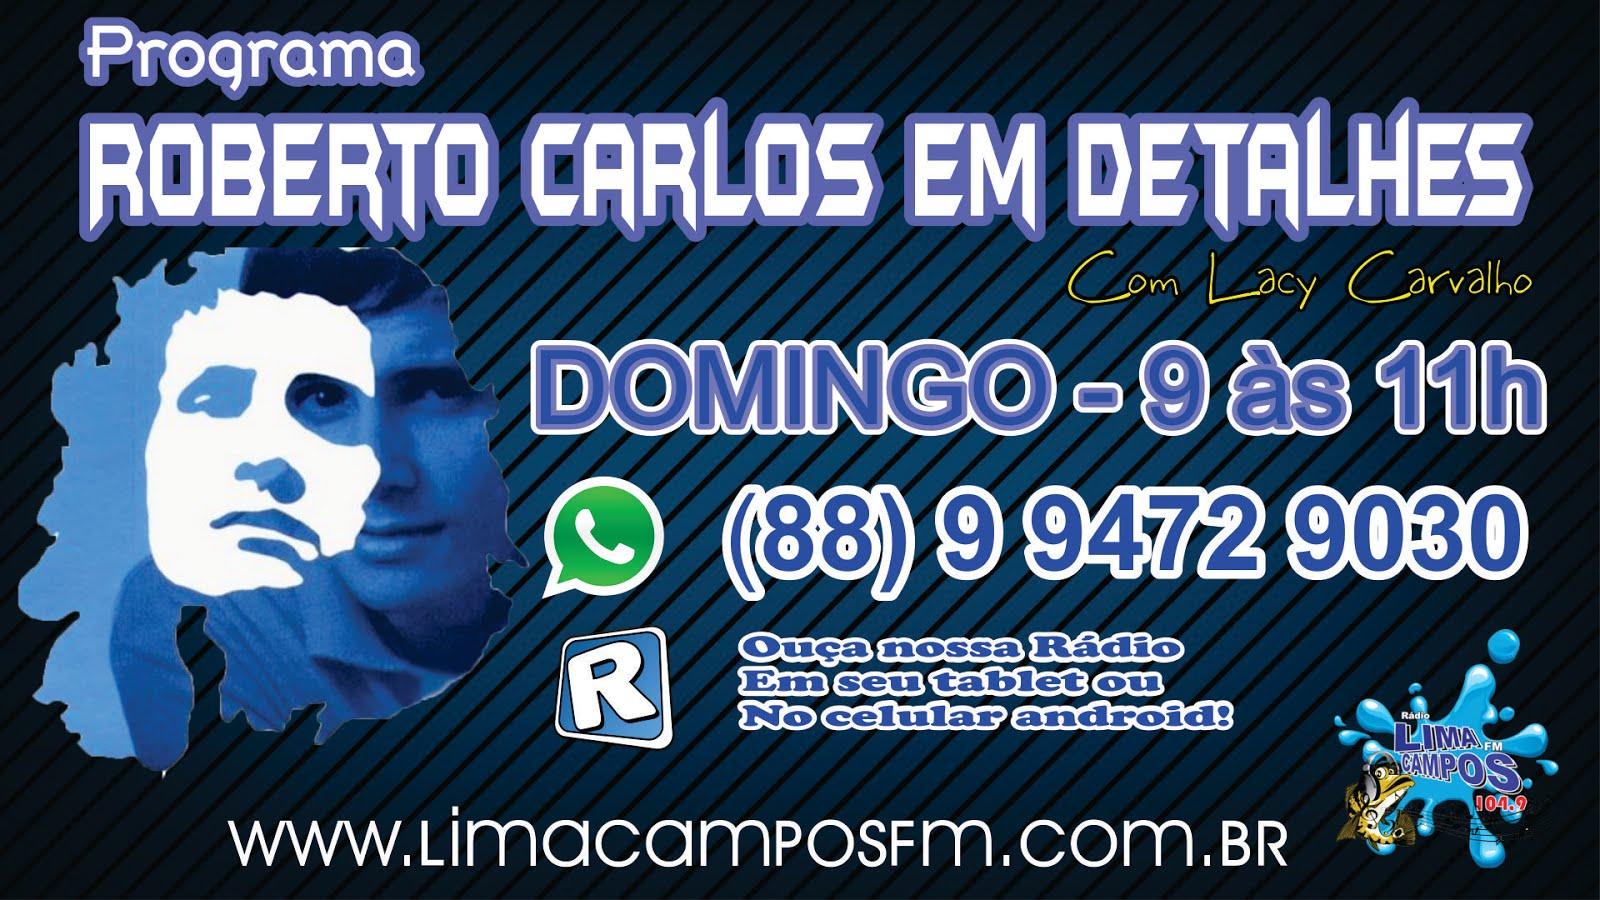 PROGRAMA ROBERTO CARLOS EM DETALHES